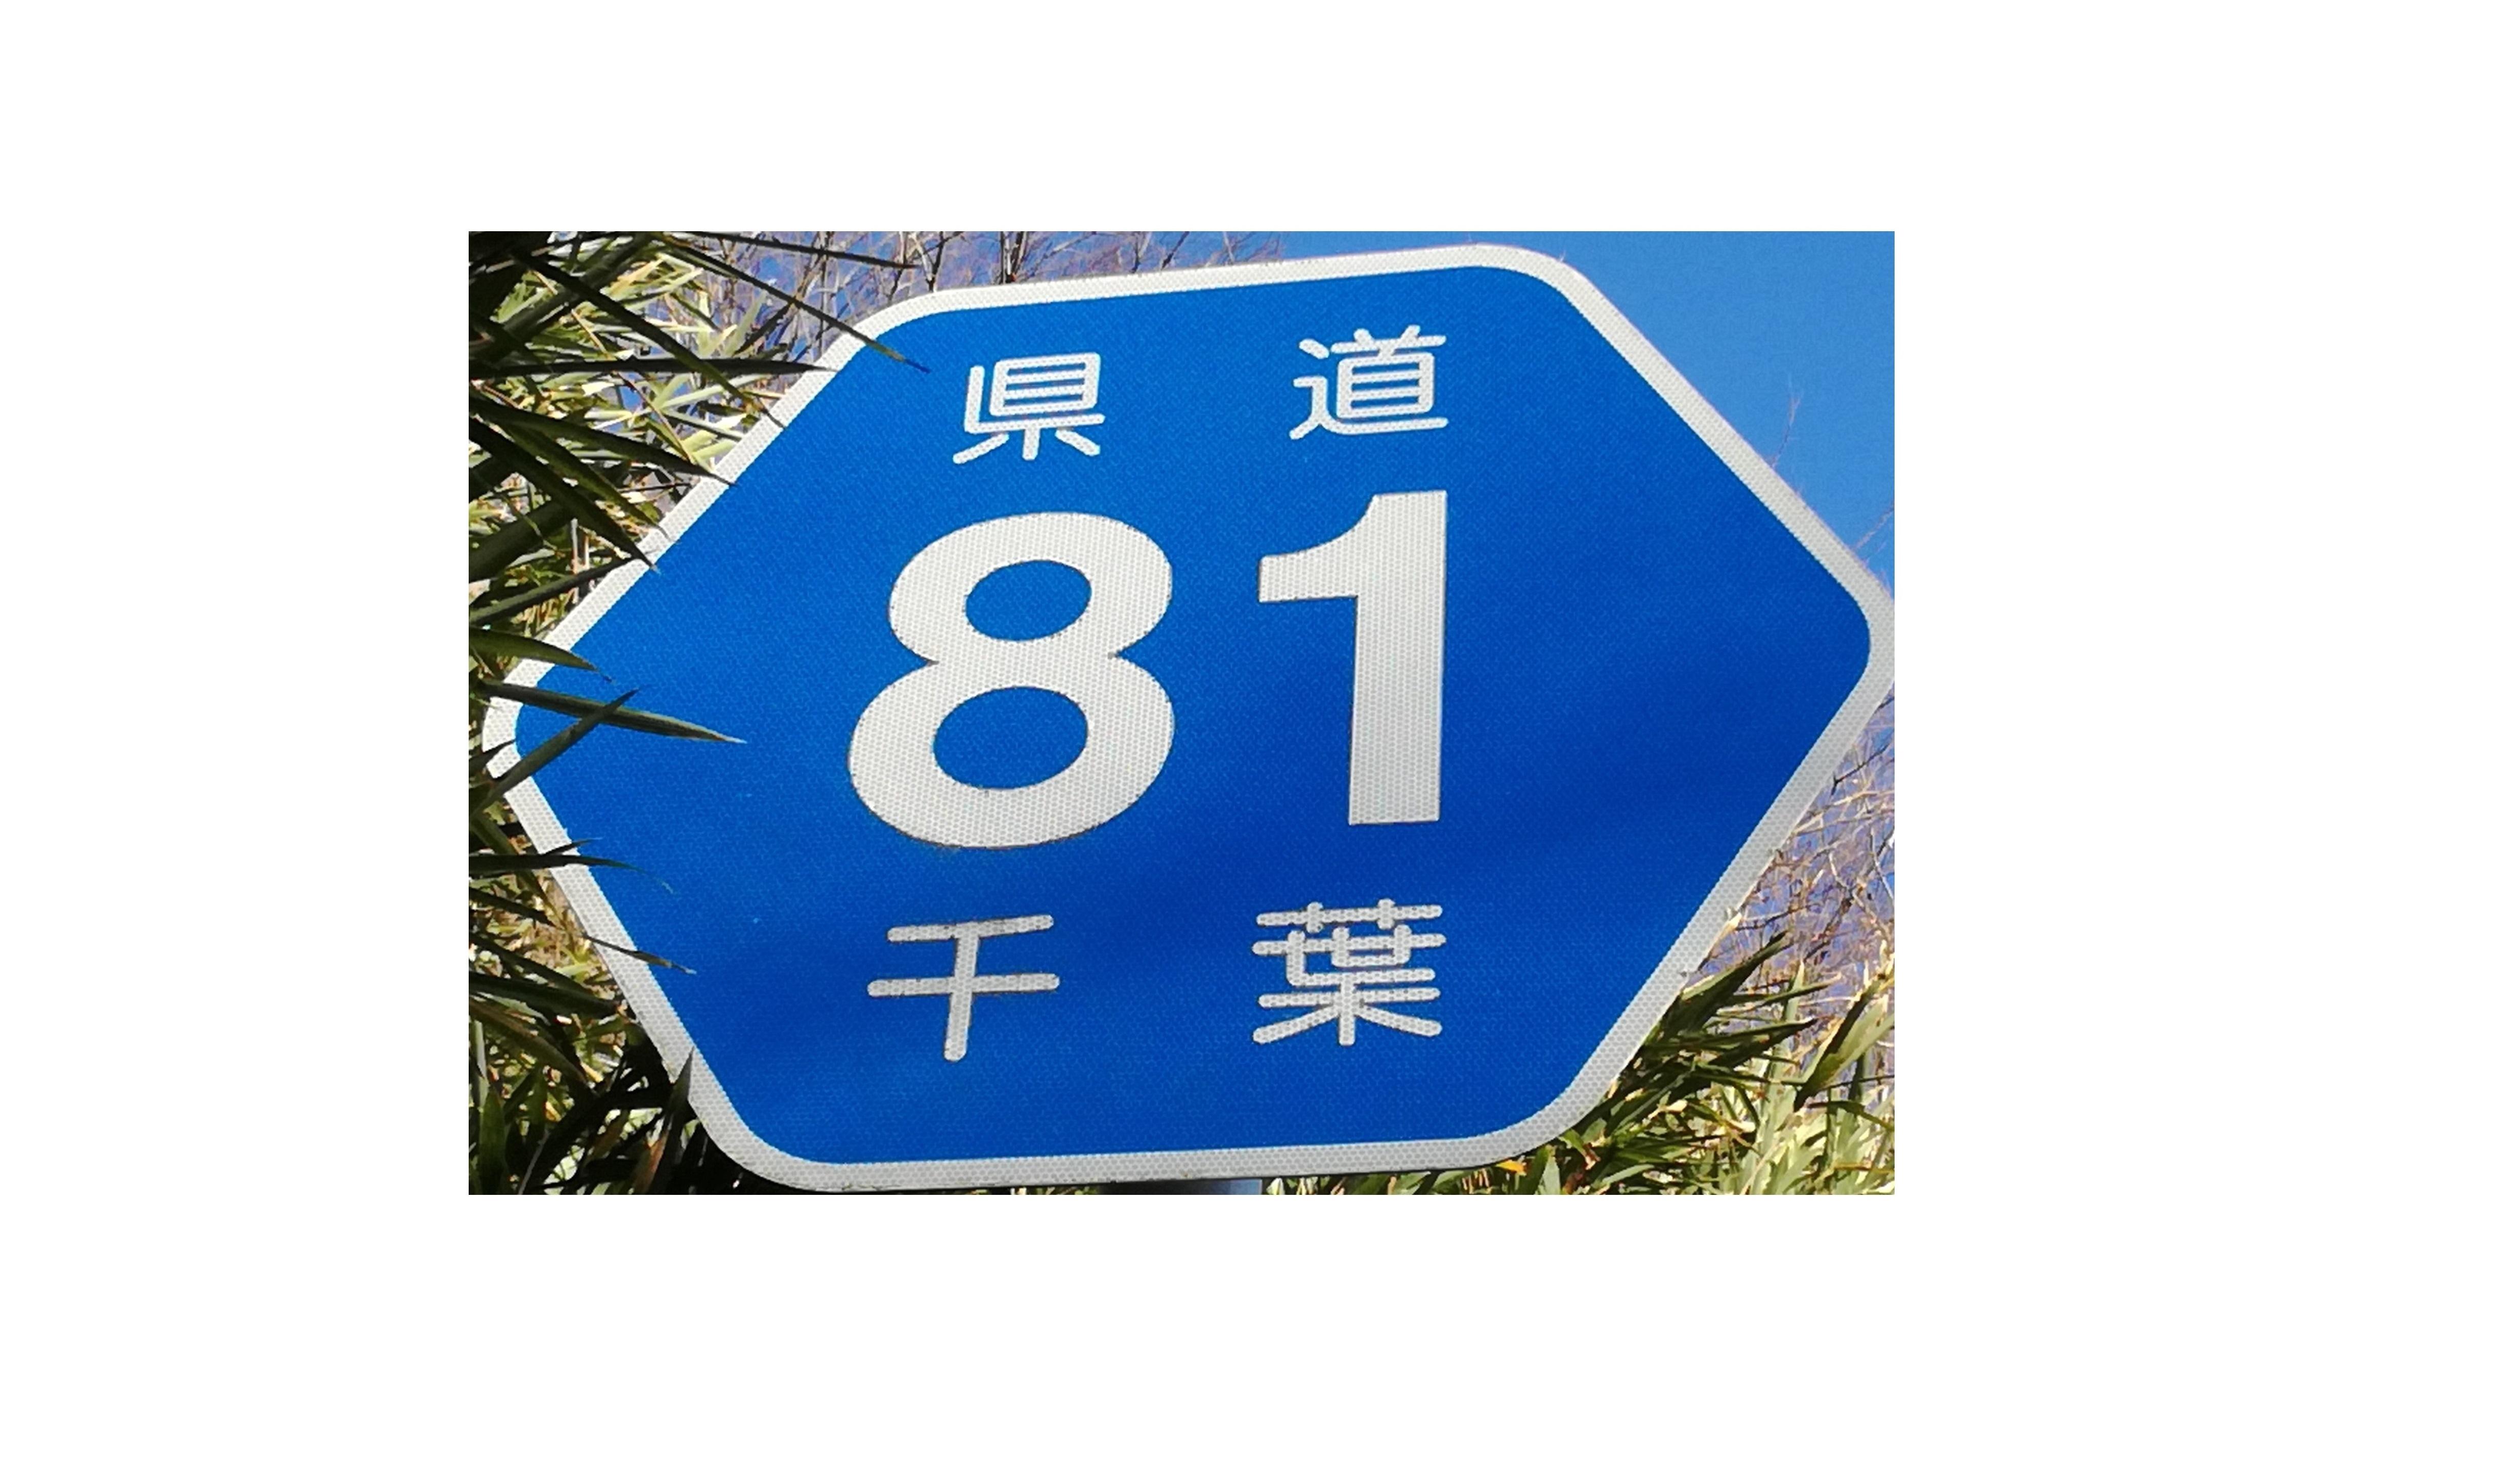 【清澄養老ライン】千葉 県道81号